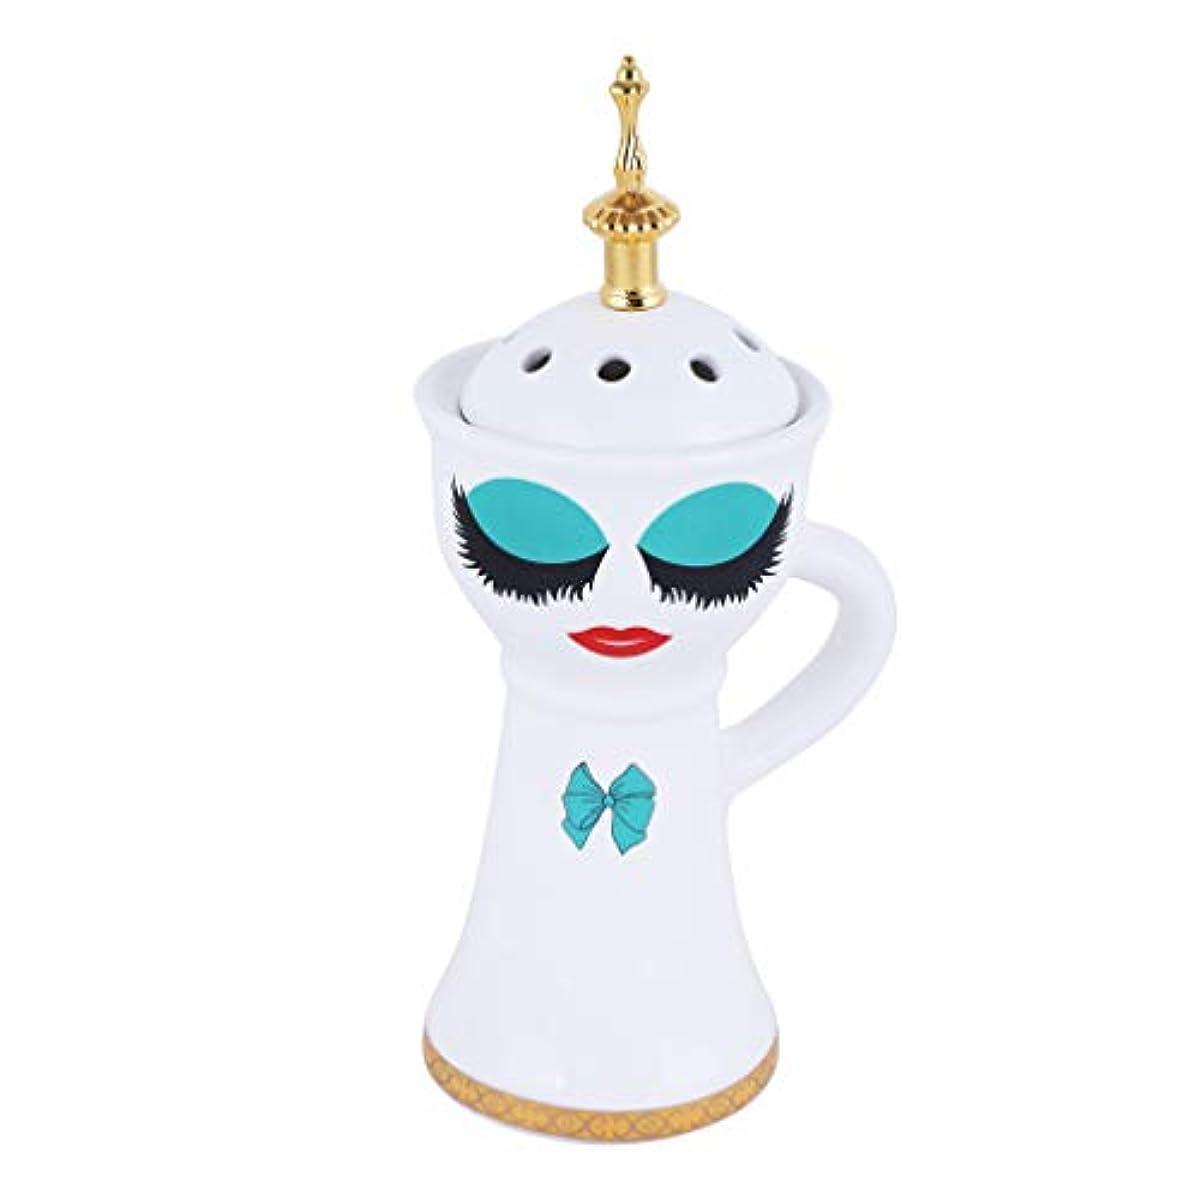 代理店研究蒸発するBeautiful Ceramic Incense Bakhoor/Oud Burner Frankincense Incense Holder with Attractive Eyes, Non Electric, Best...